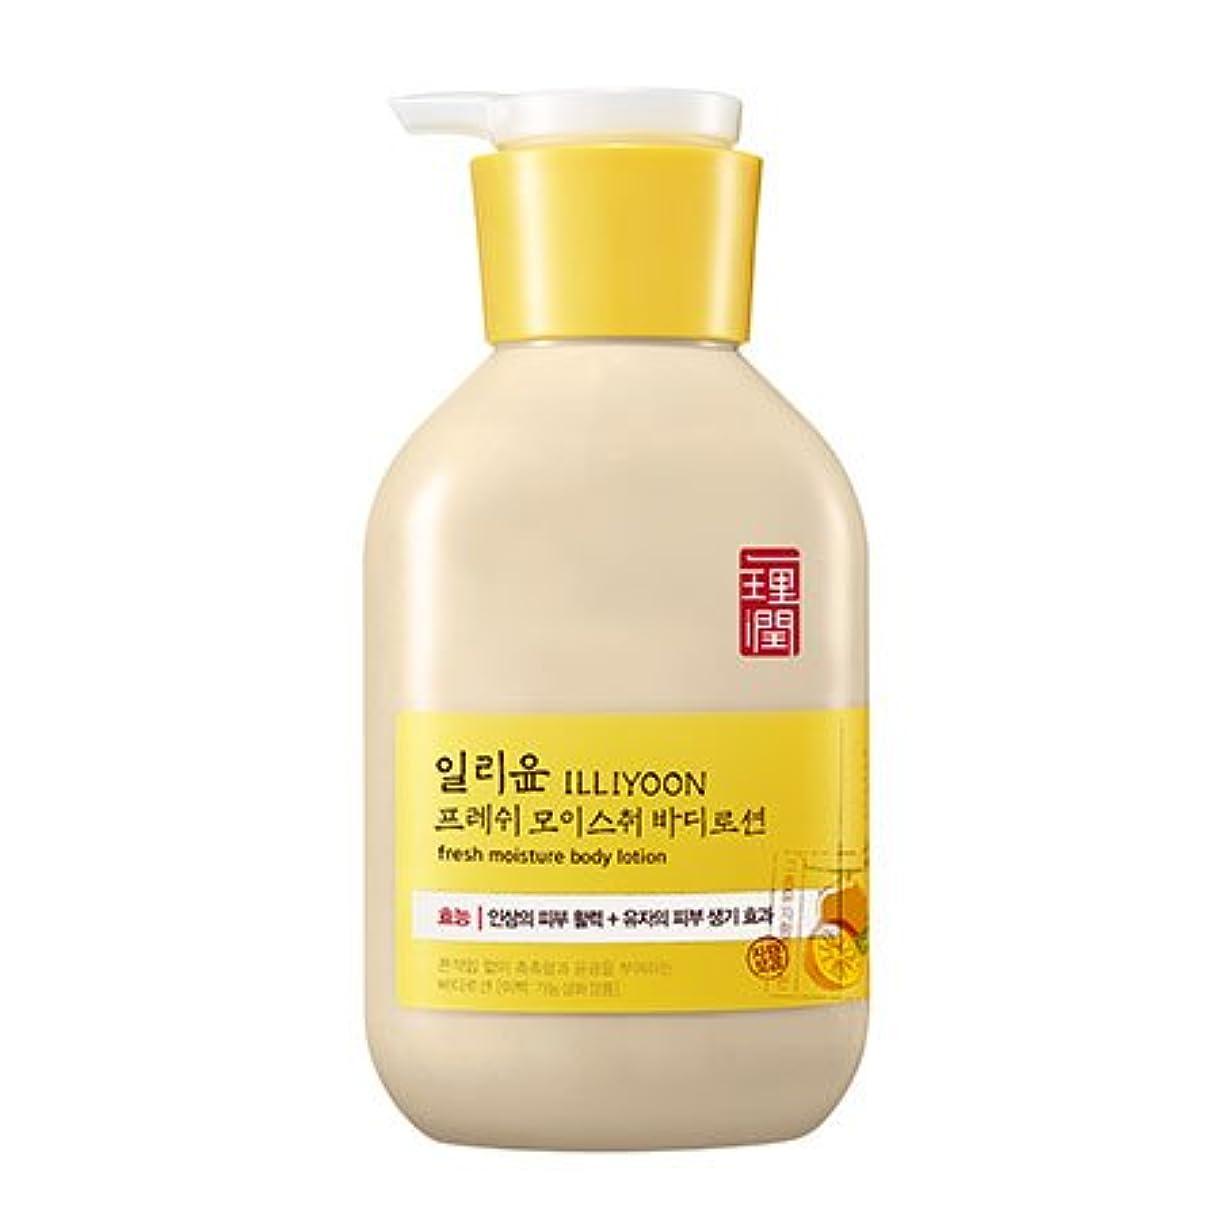 変更満足影響するILLIYOON Fresh Moisture Body Lotion 350ml/イリーユン [アモーレパシフィック] フレッシュモイスチャー ボディローション [並行輸入品]